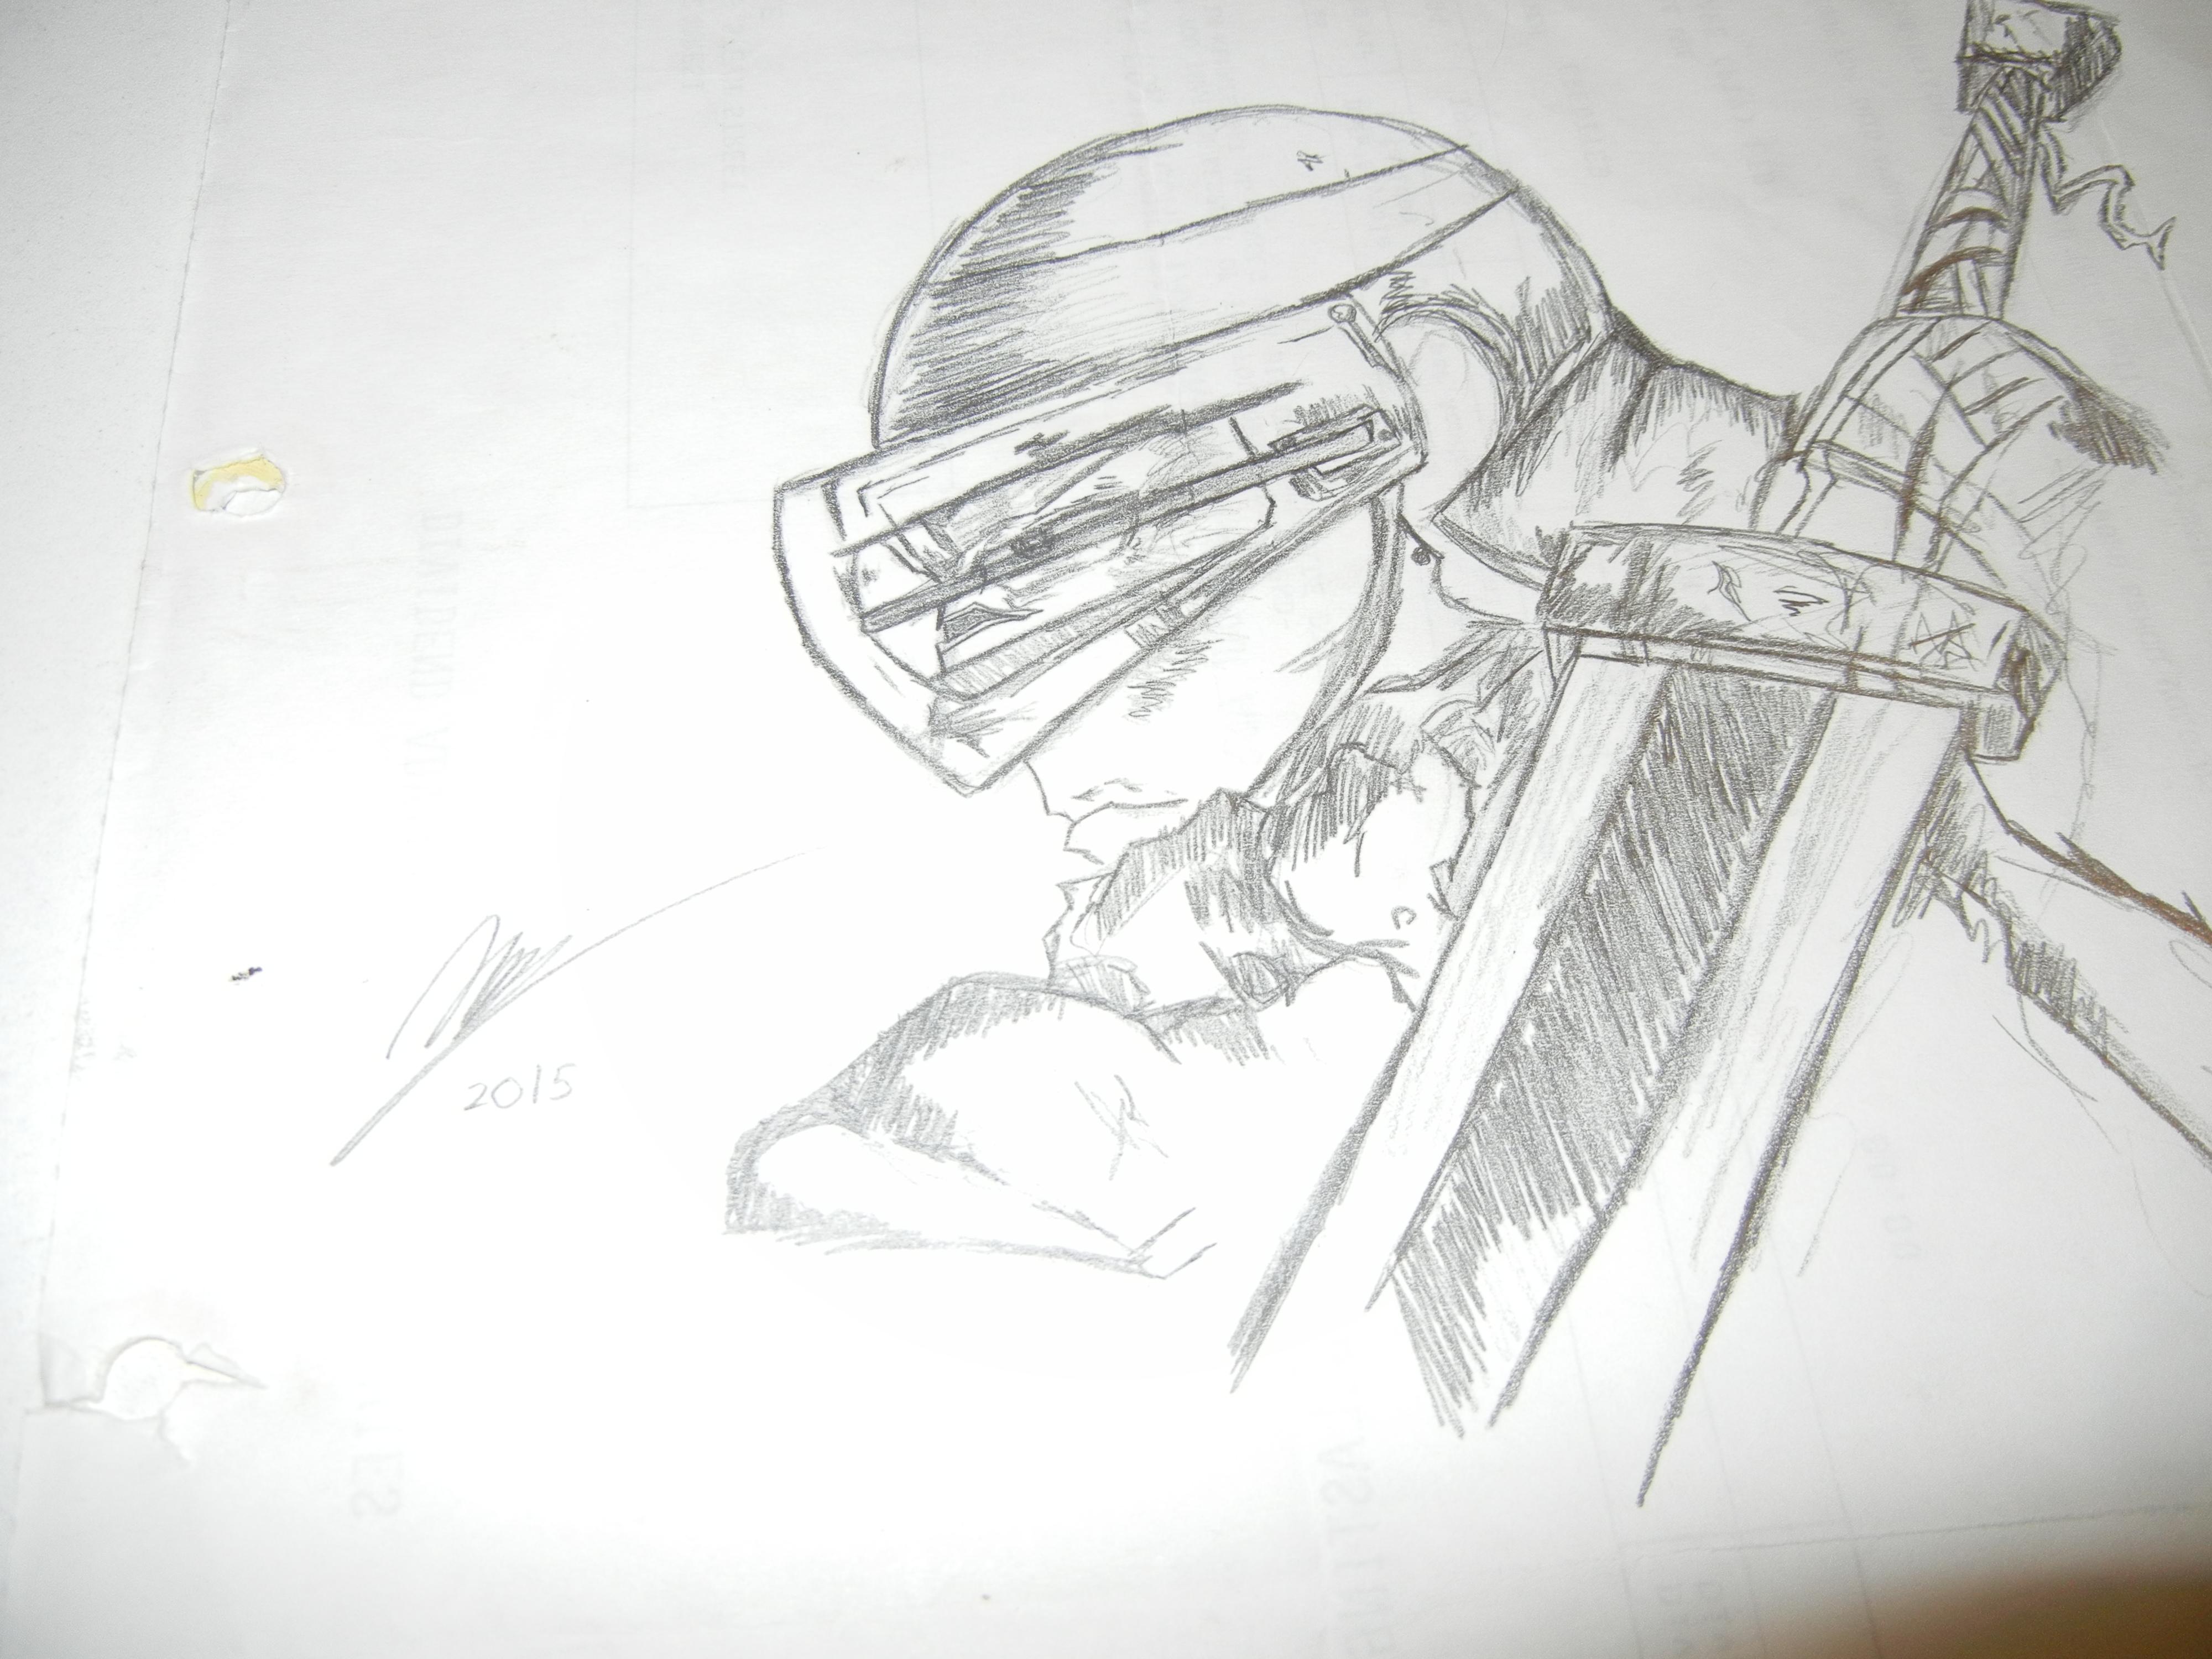 Guts: The Black Swordsman (Berserk) - Pencils